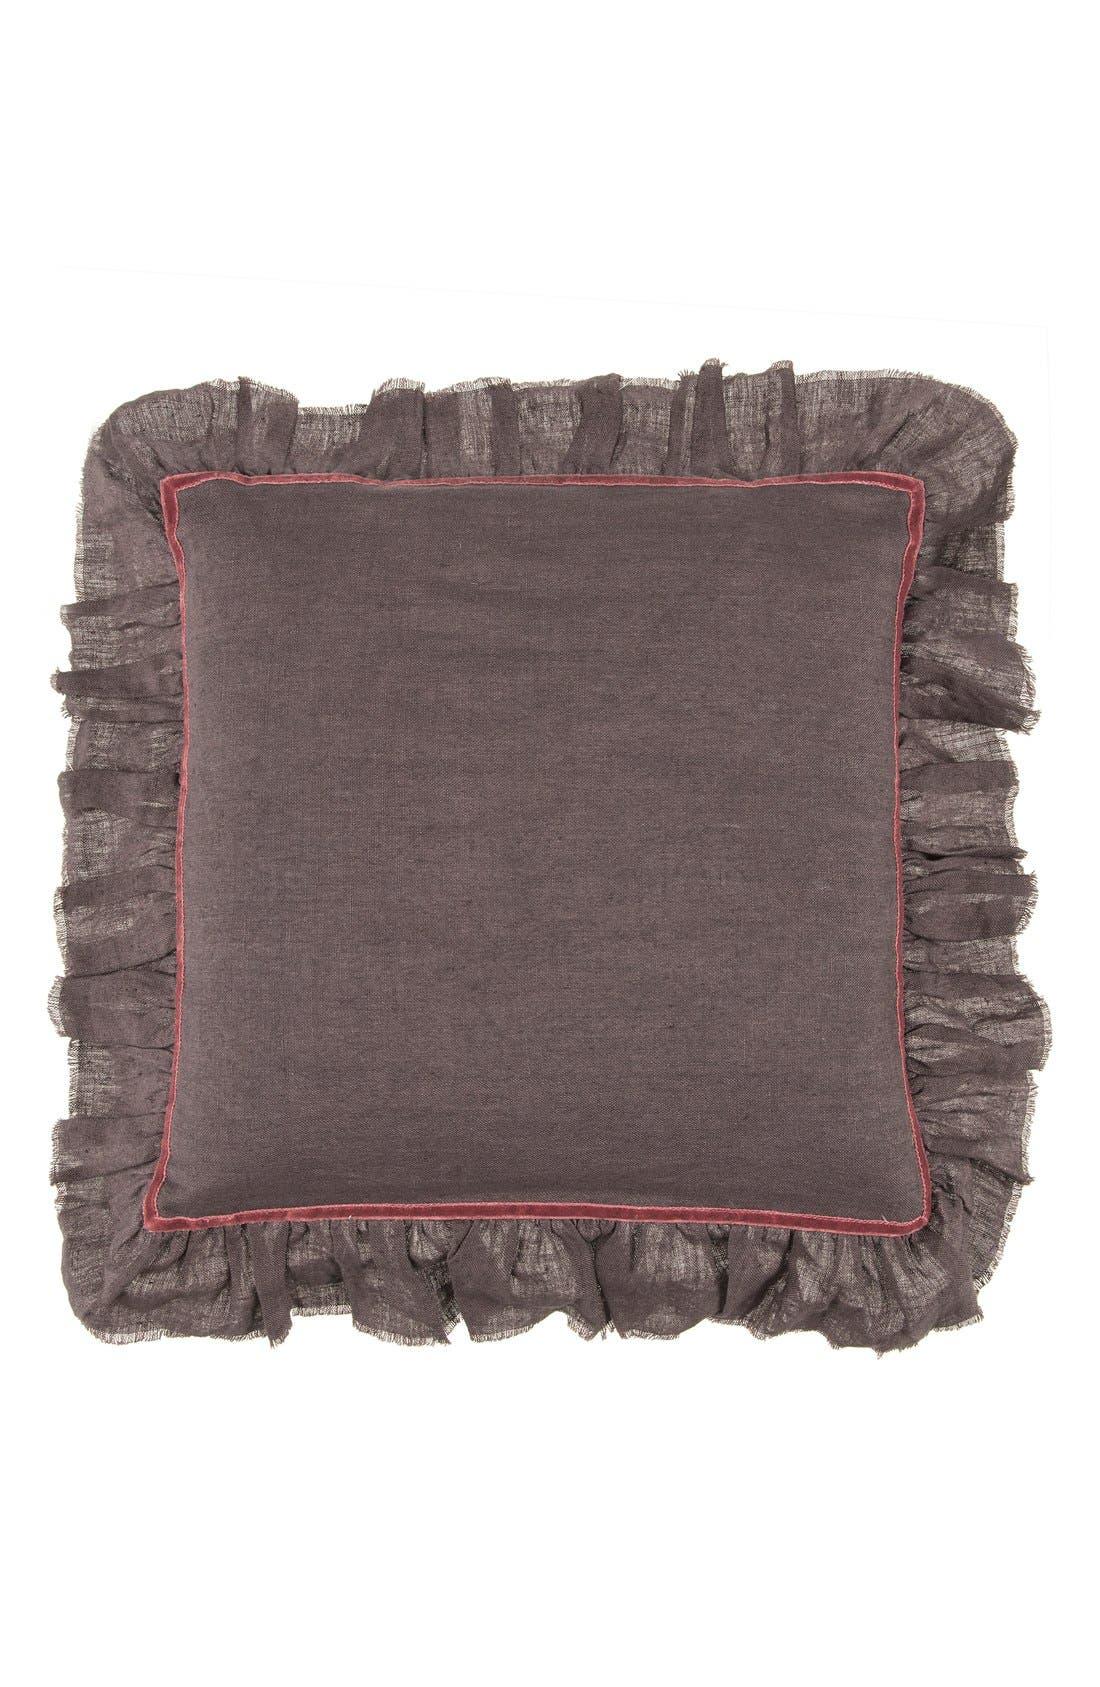 Main Image - Beekman 1802 'Bellvale' Pillow